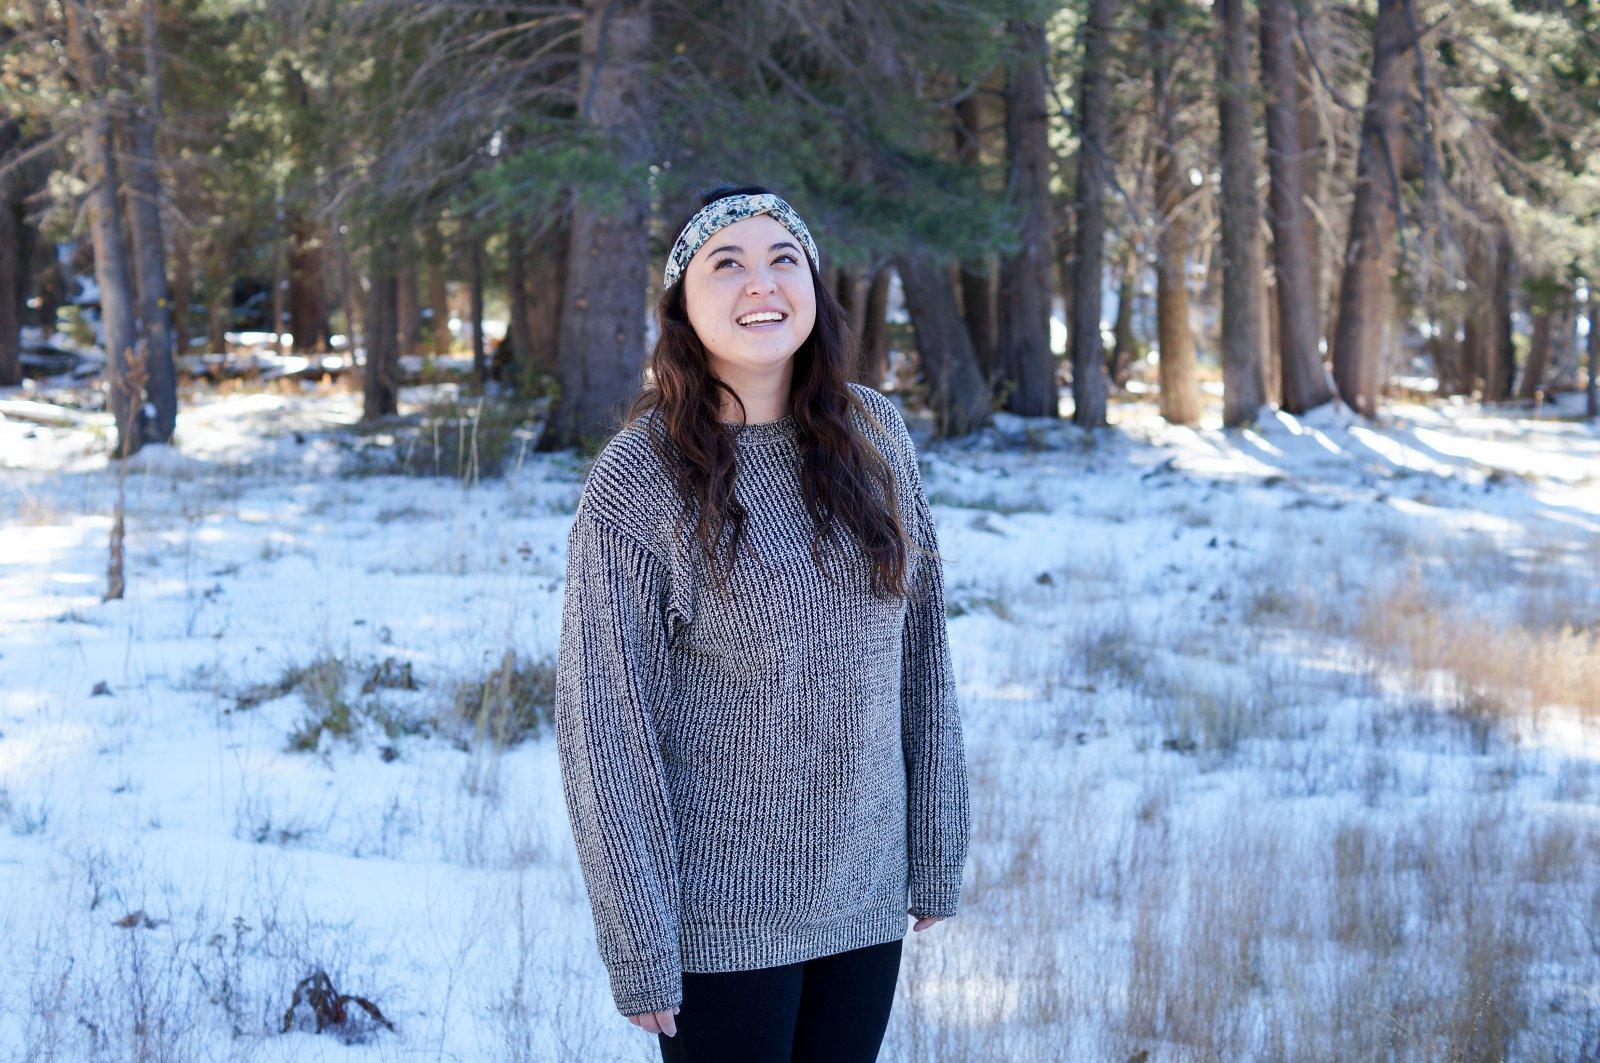 Hiking at Big Bear Lake